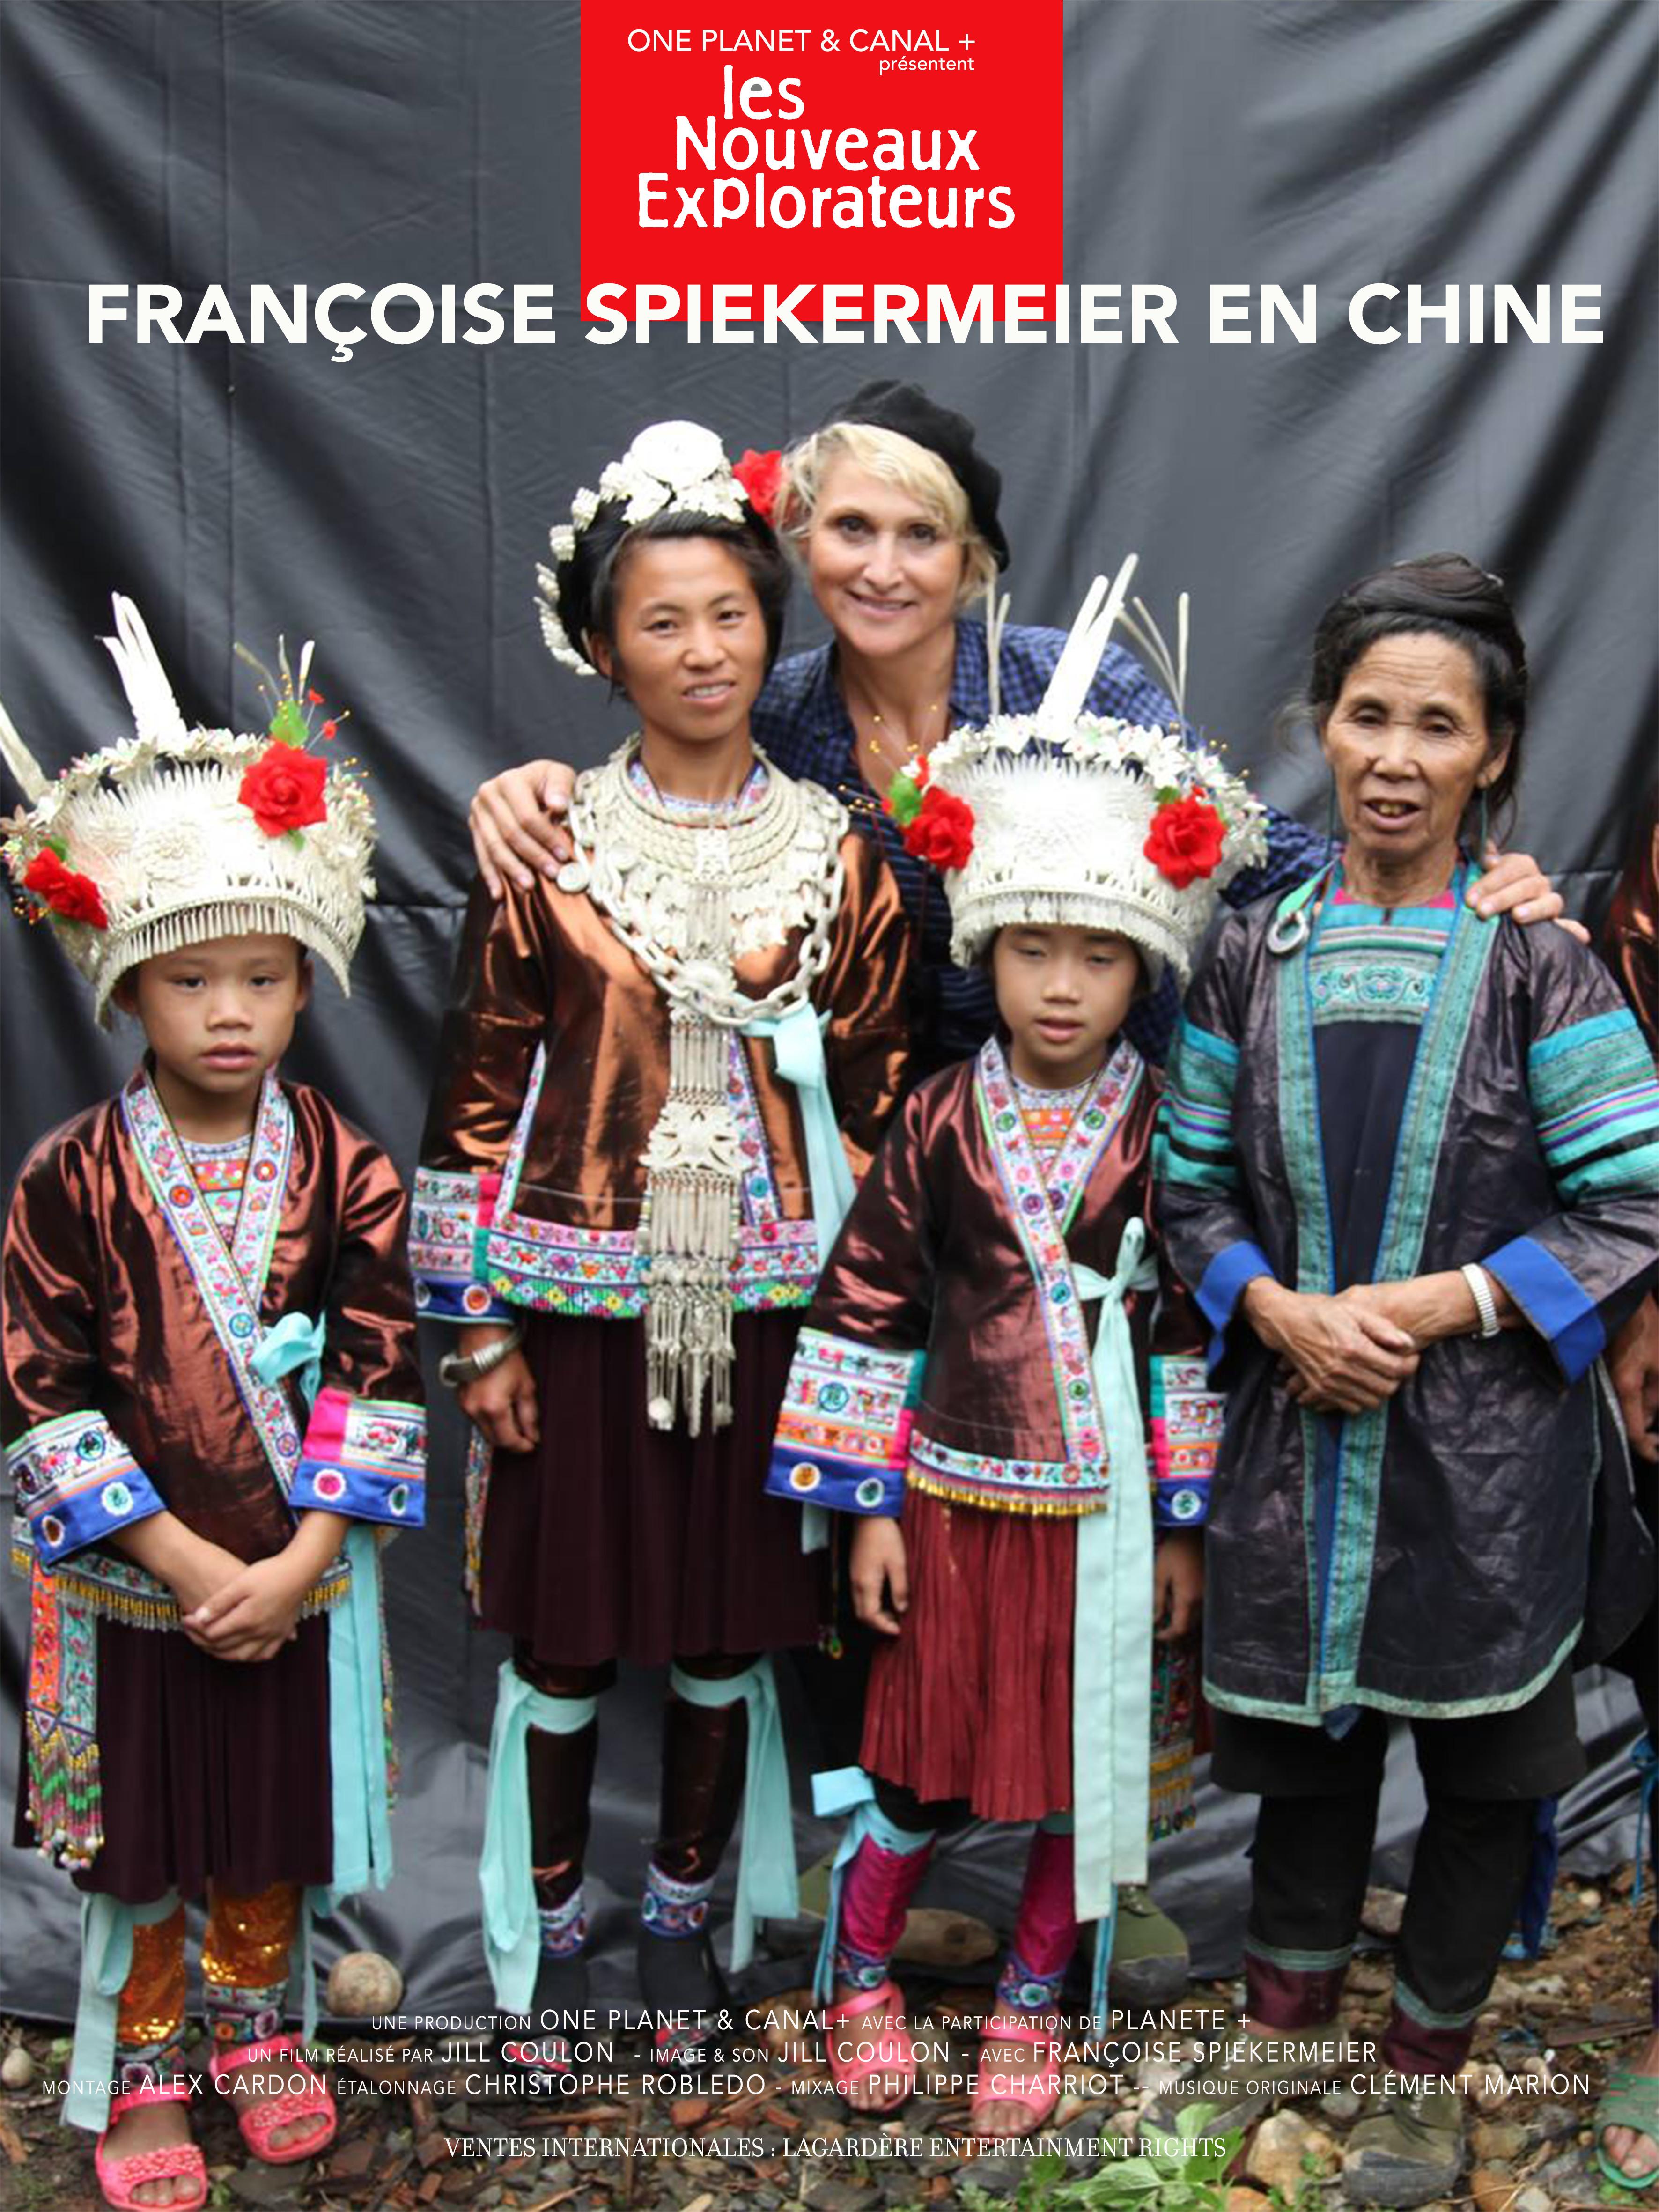 Les Nouveaux Explorateurs : Françoise Spiekermeier en Chine